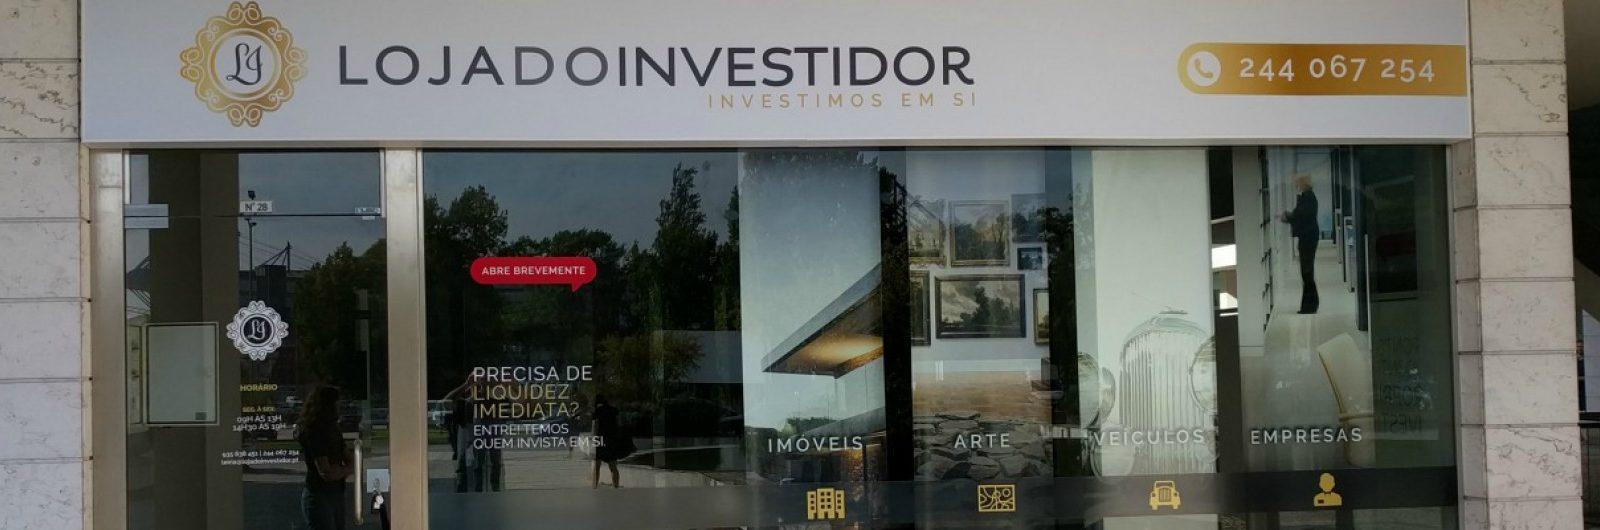 Loja do Investidor, consultora financeira, abre novo espaço em Leiria